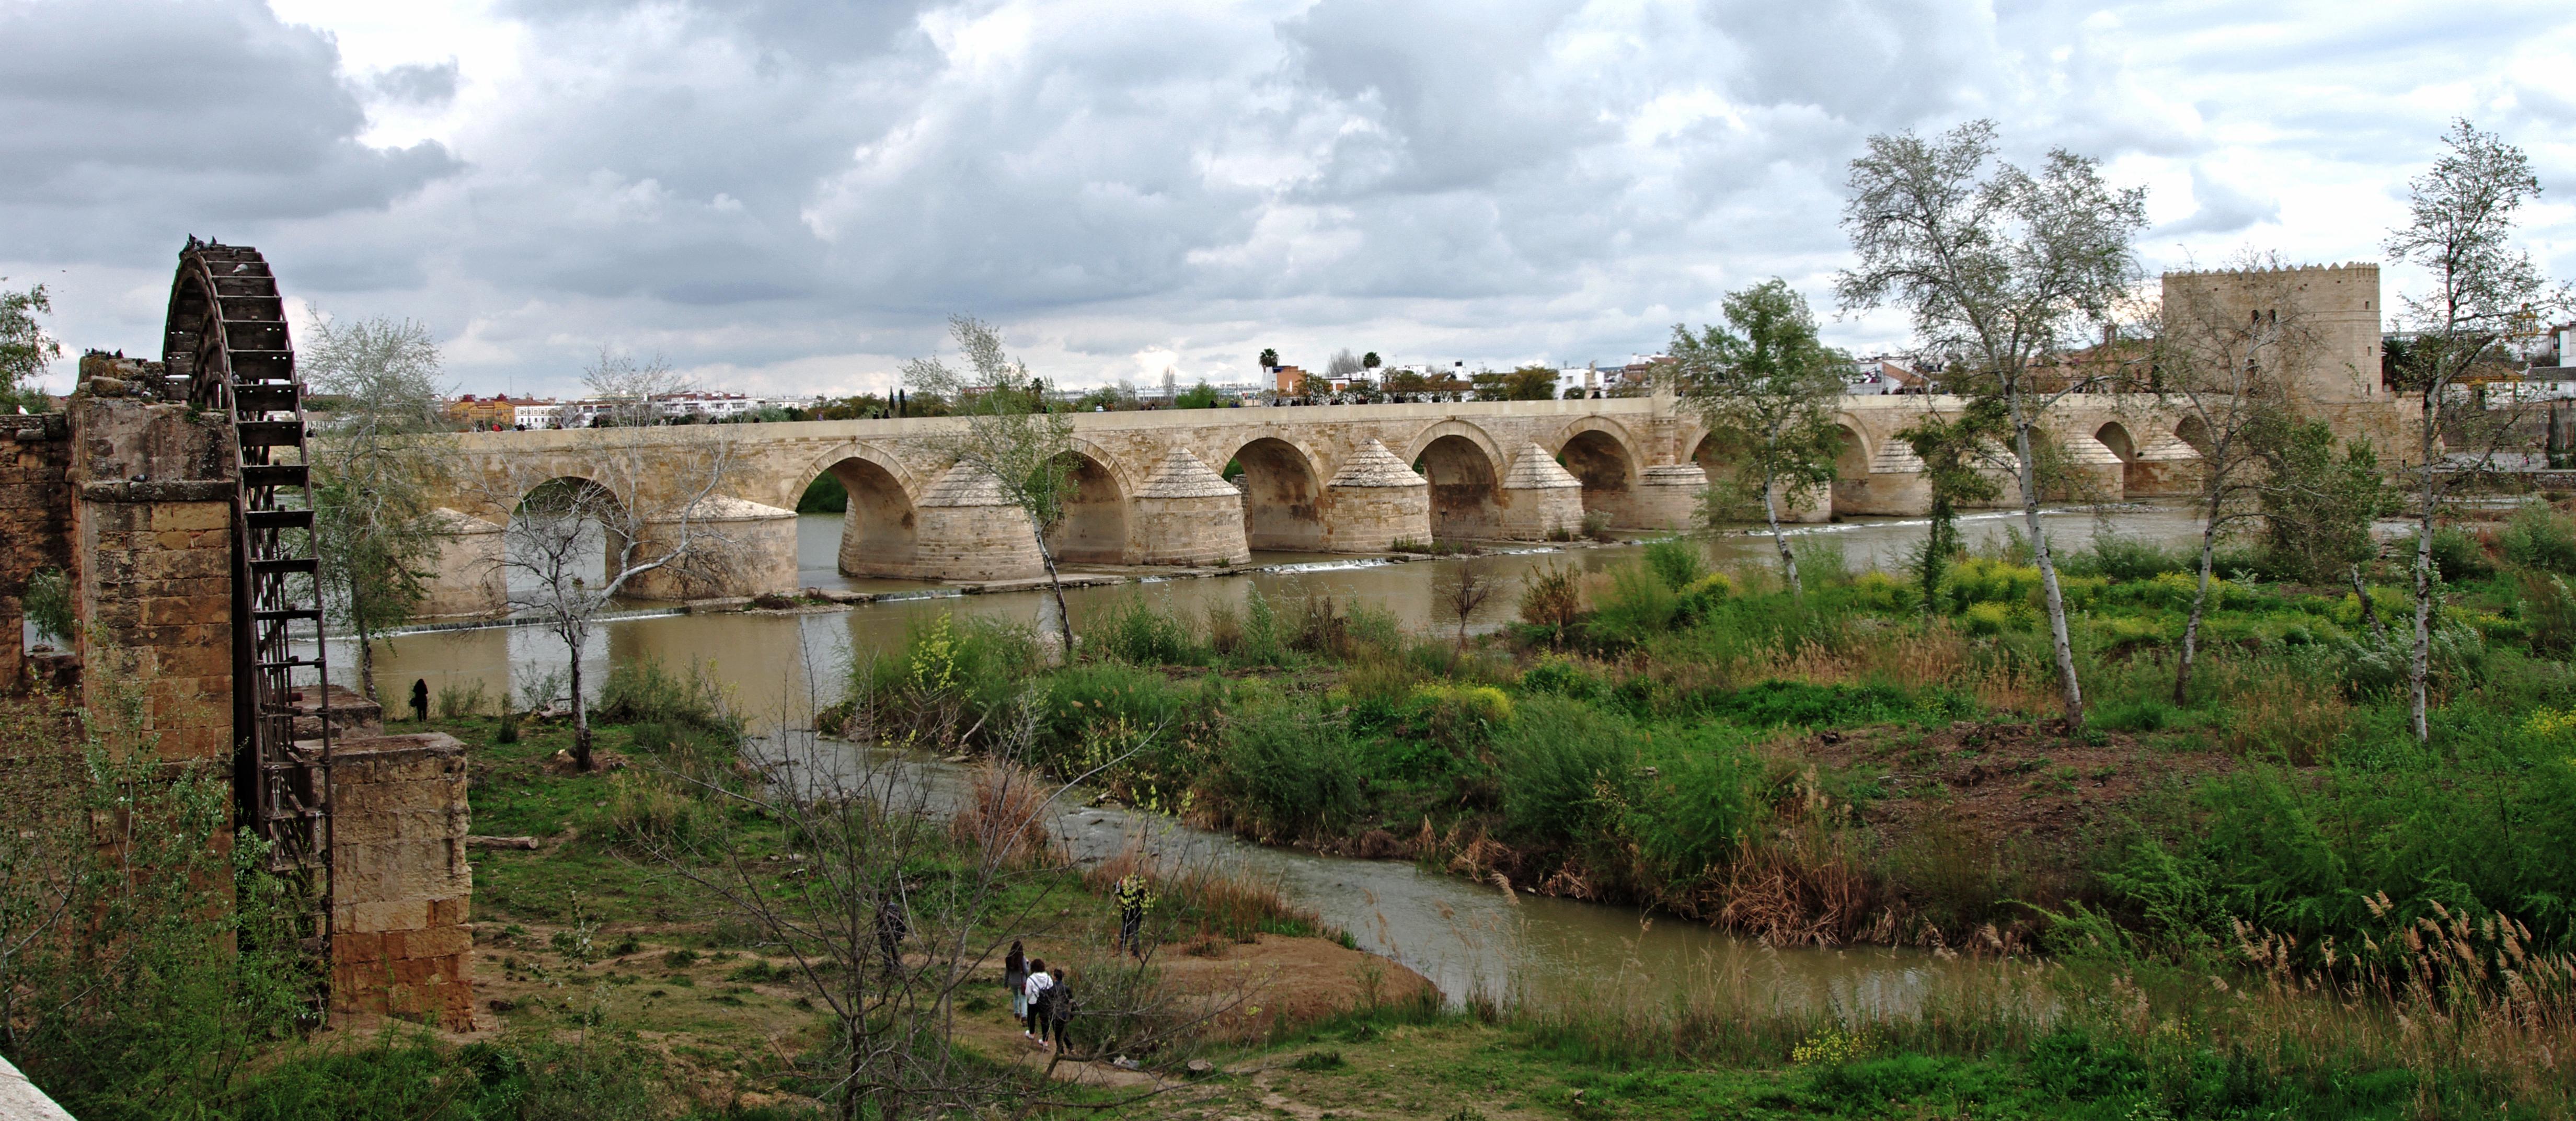 """Resultado de imagen de puente romano de cordoba"""""""